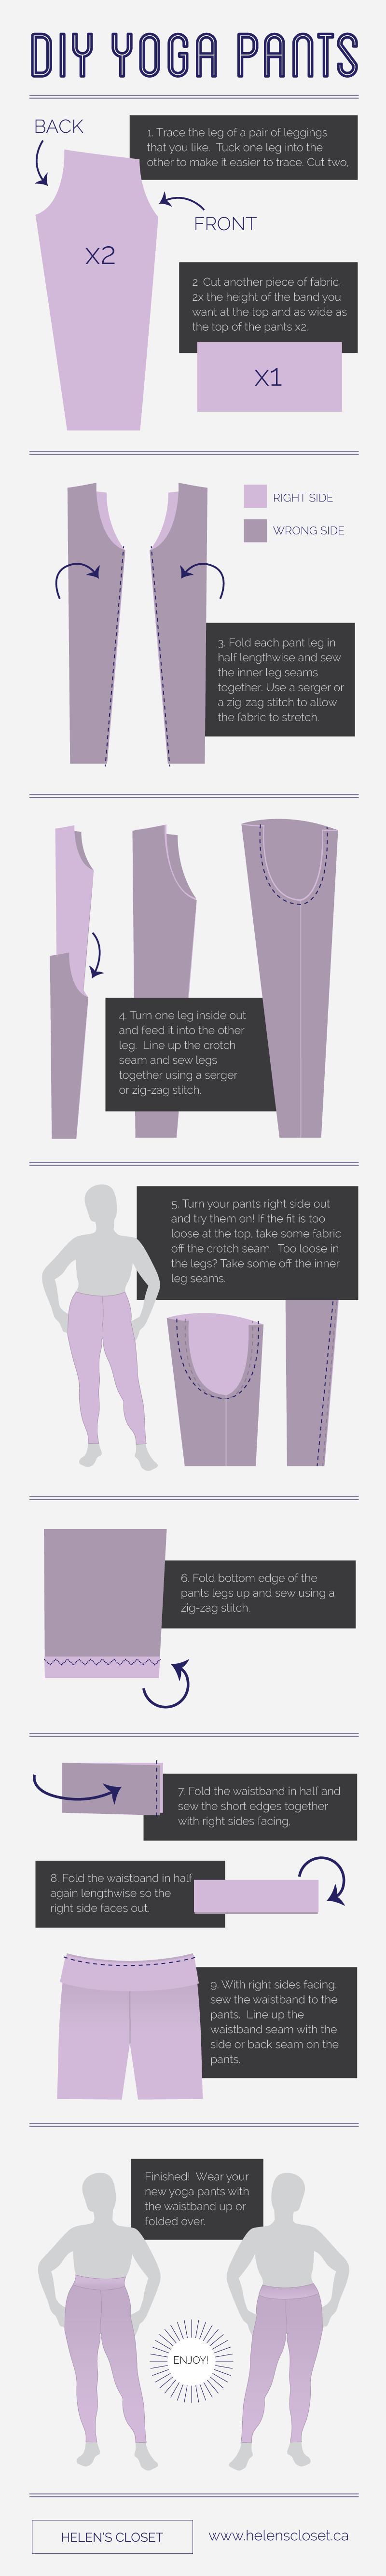 DIY Yoga Pants | Bolsos | Pinterest | Costura, Patrones y Costura diy